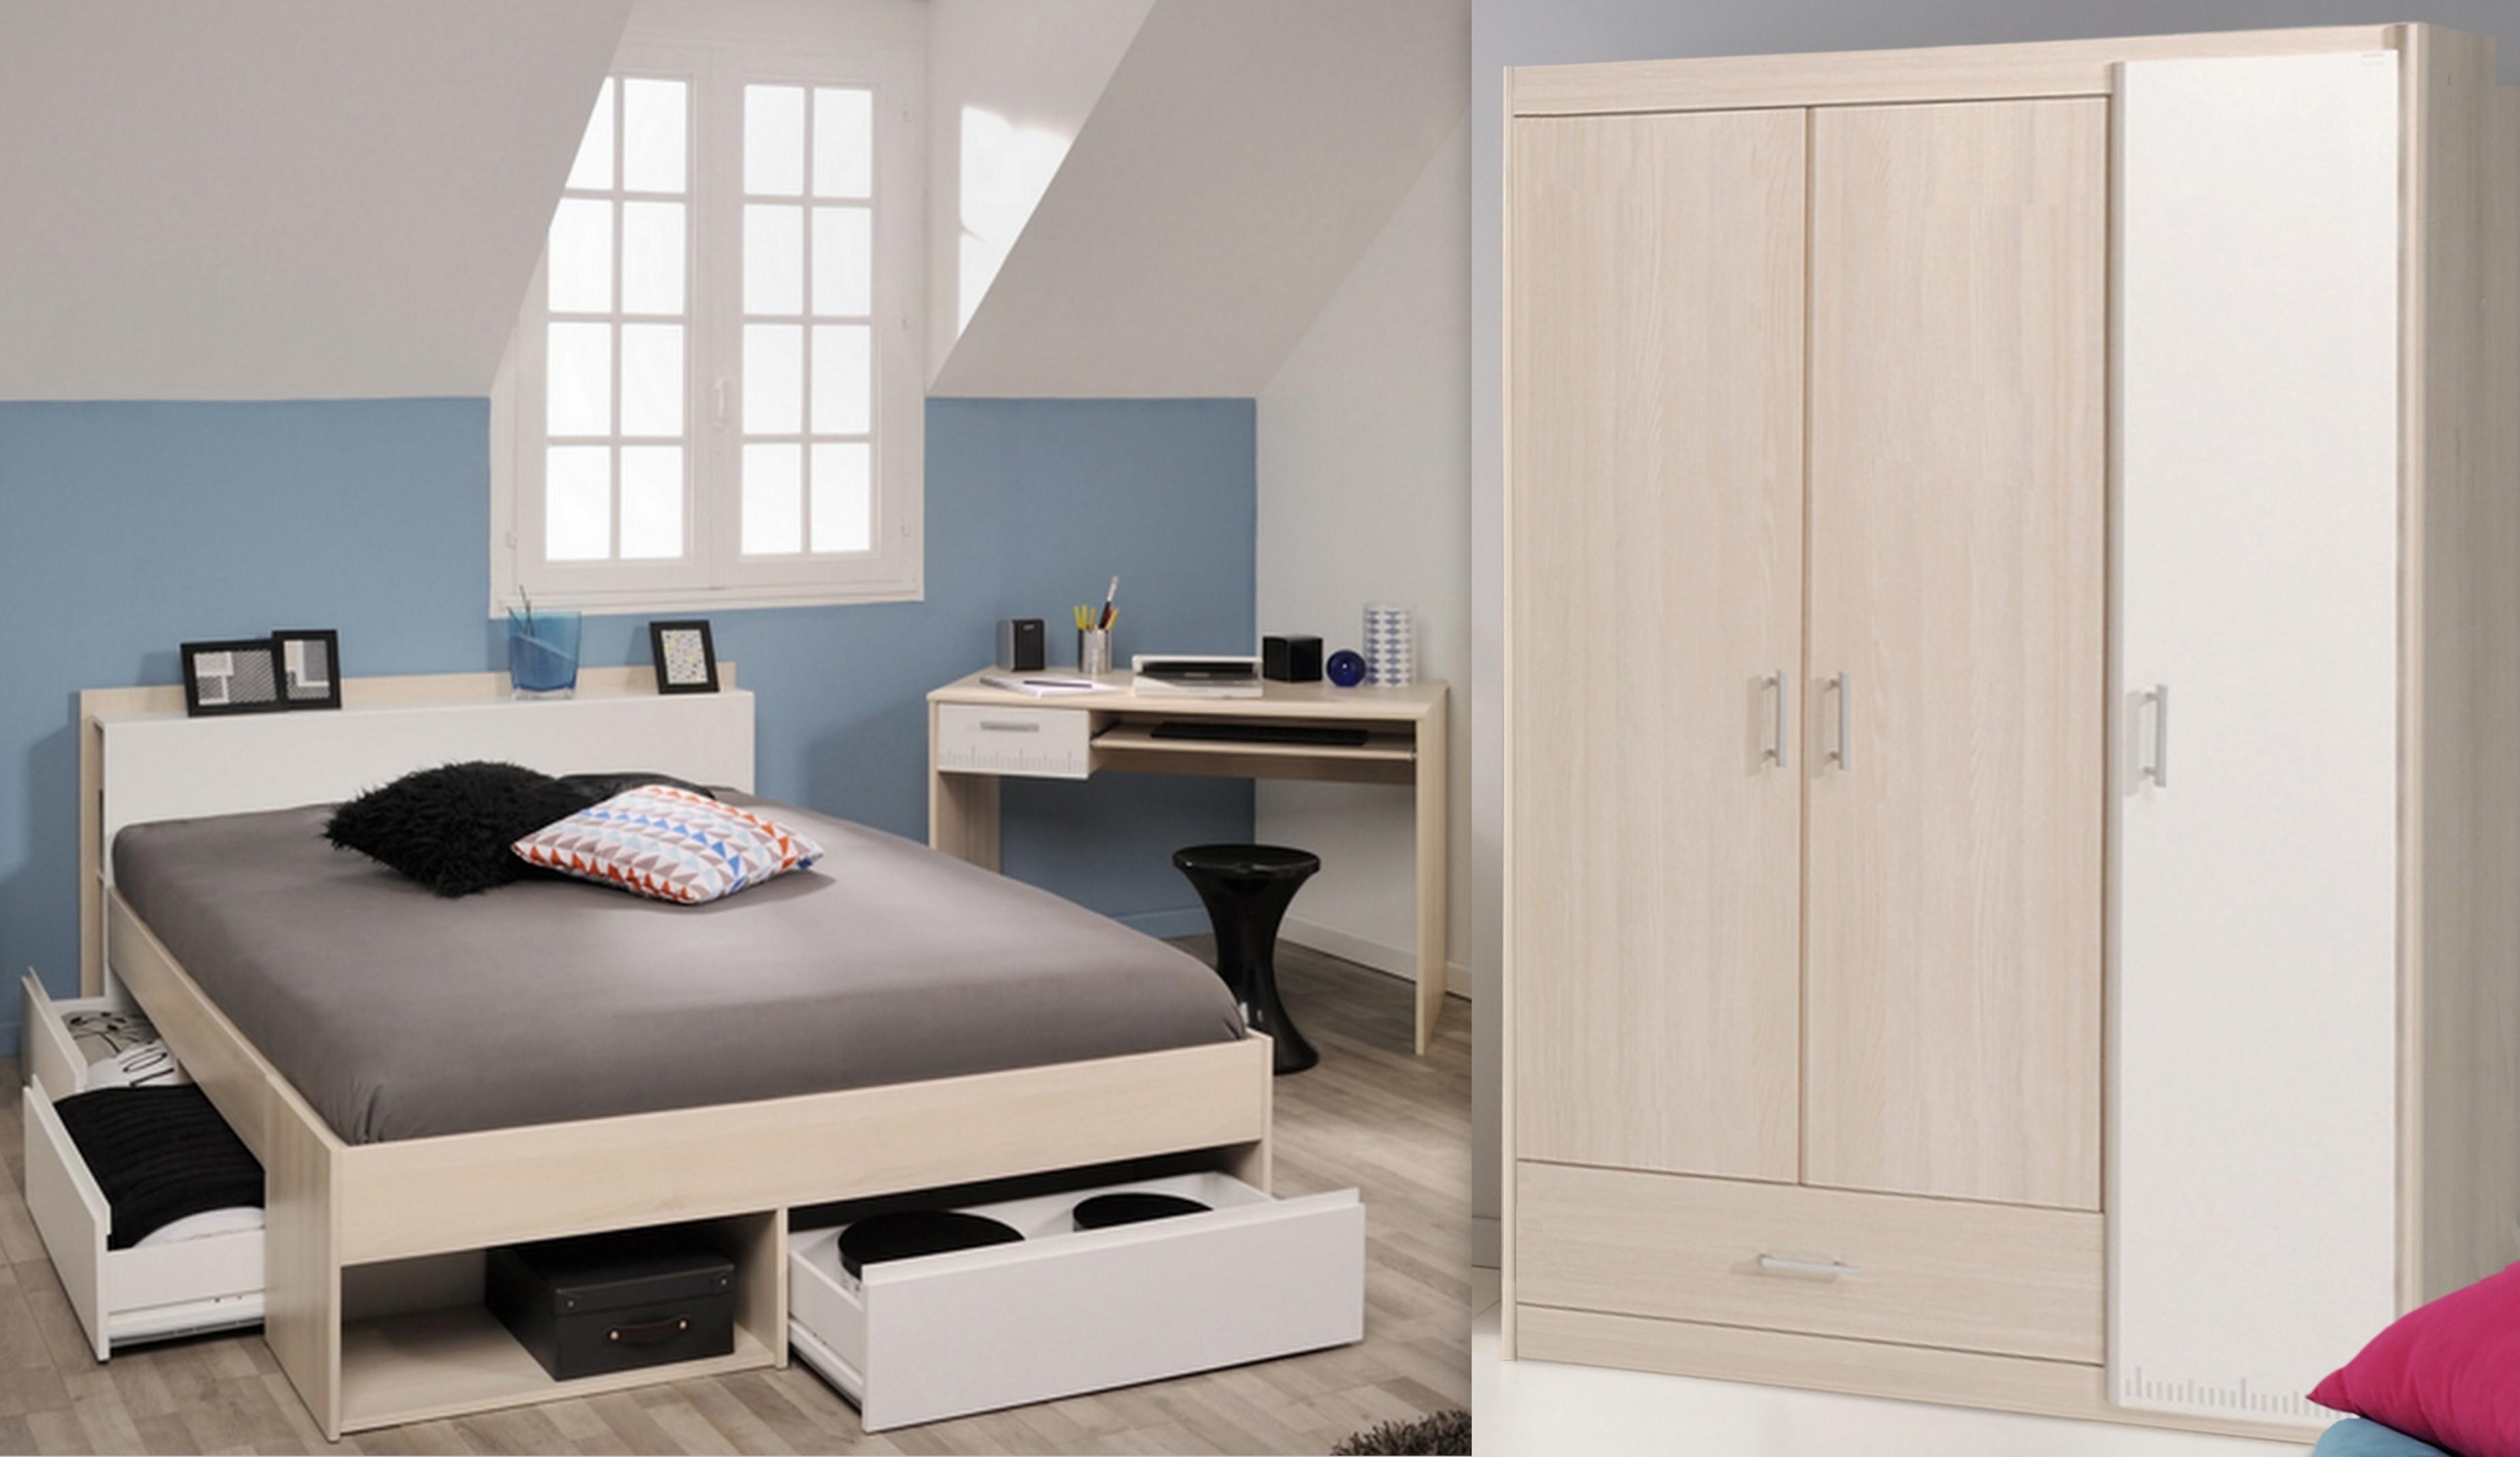 Schlafzimmer-Set 3-tlg inkl 160x200 Etagenbett u Kleiderschrank 3-trg Most  74 von Parisot Akazie / Weiss